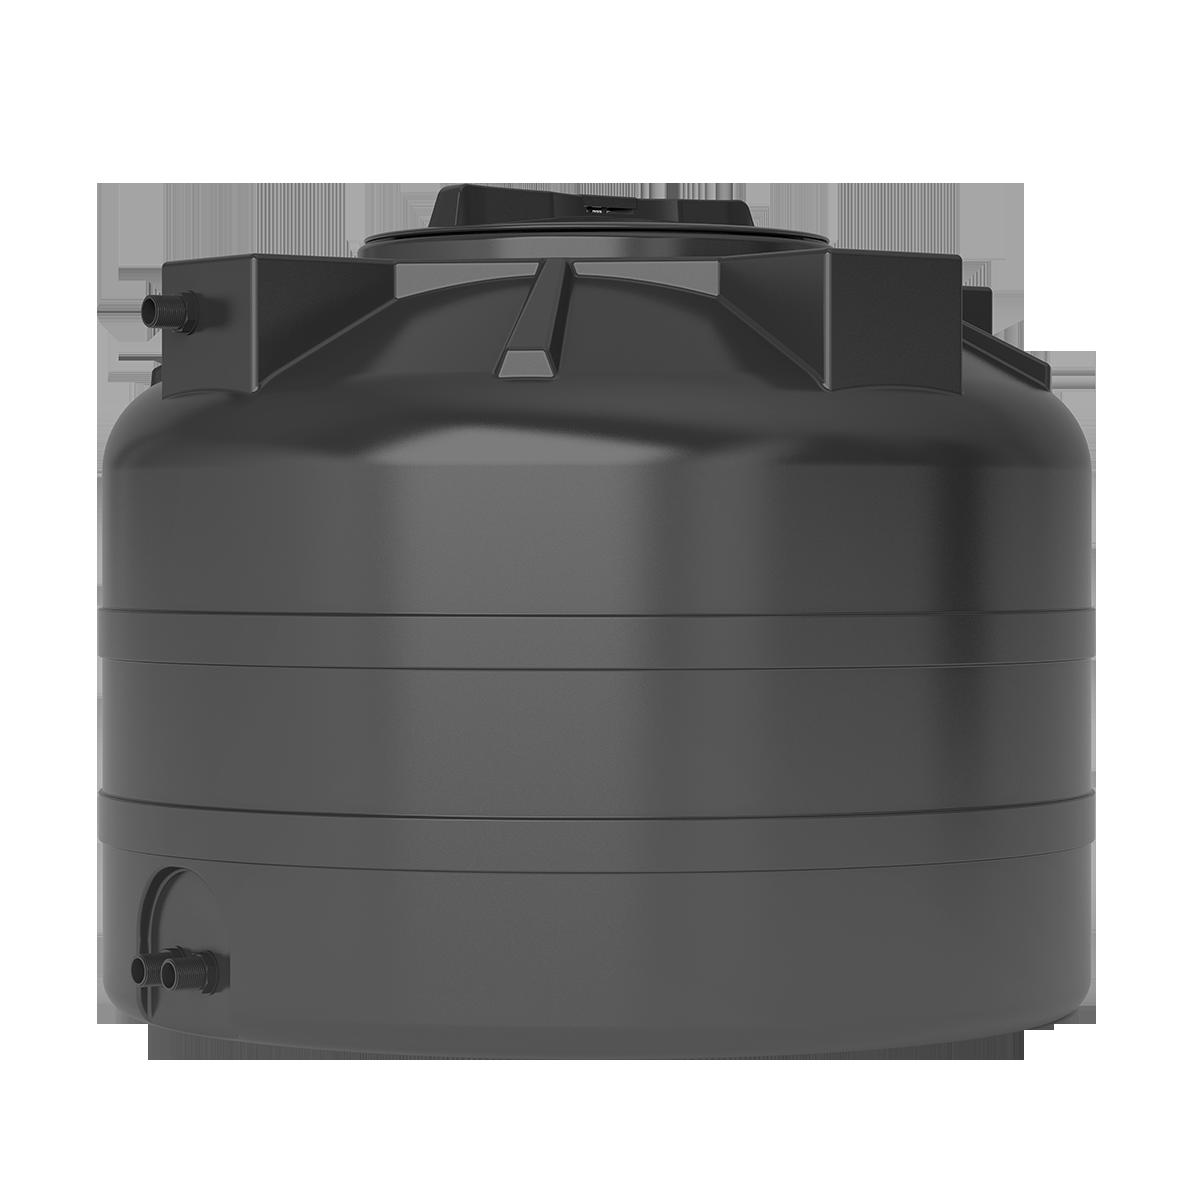 Пластиковый бак для воды Акватек ATV 200 (черный)